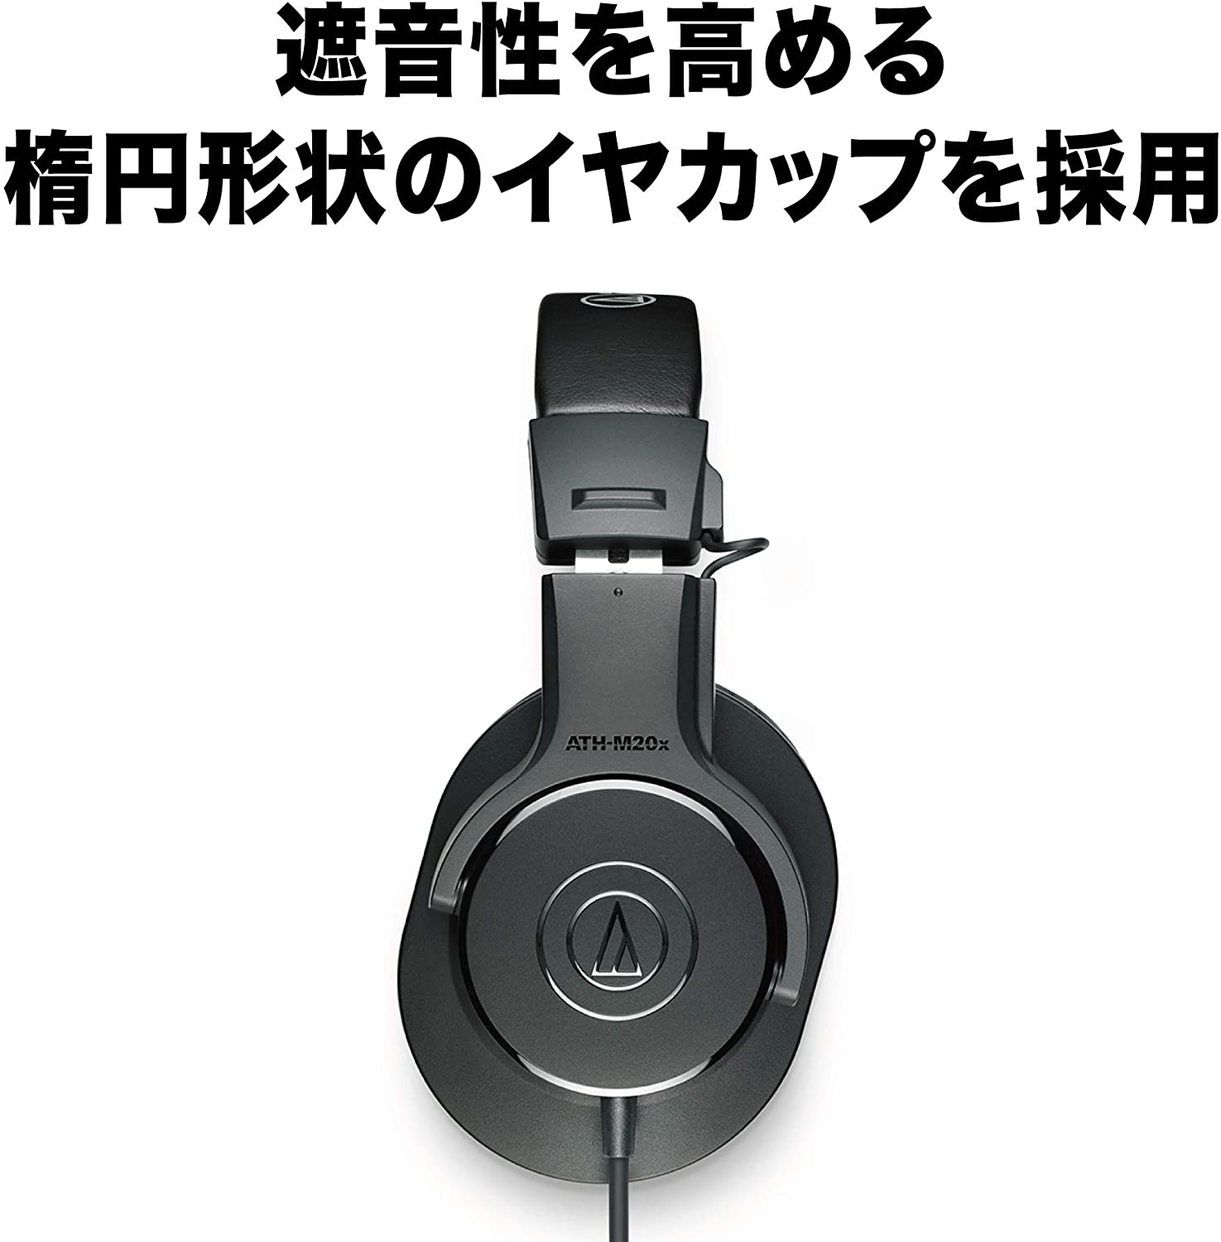 audio-technica(オーディオテクニカ) プロフェッショナルモニターヘッドホン  ATH-M20xの商品画像8